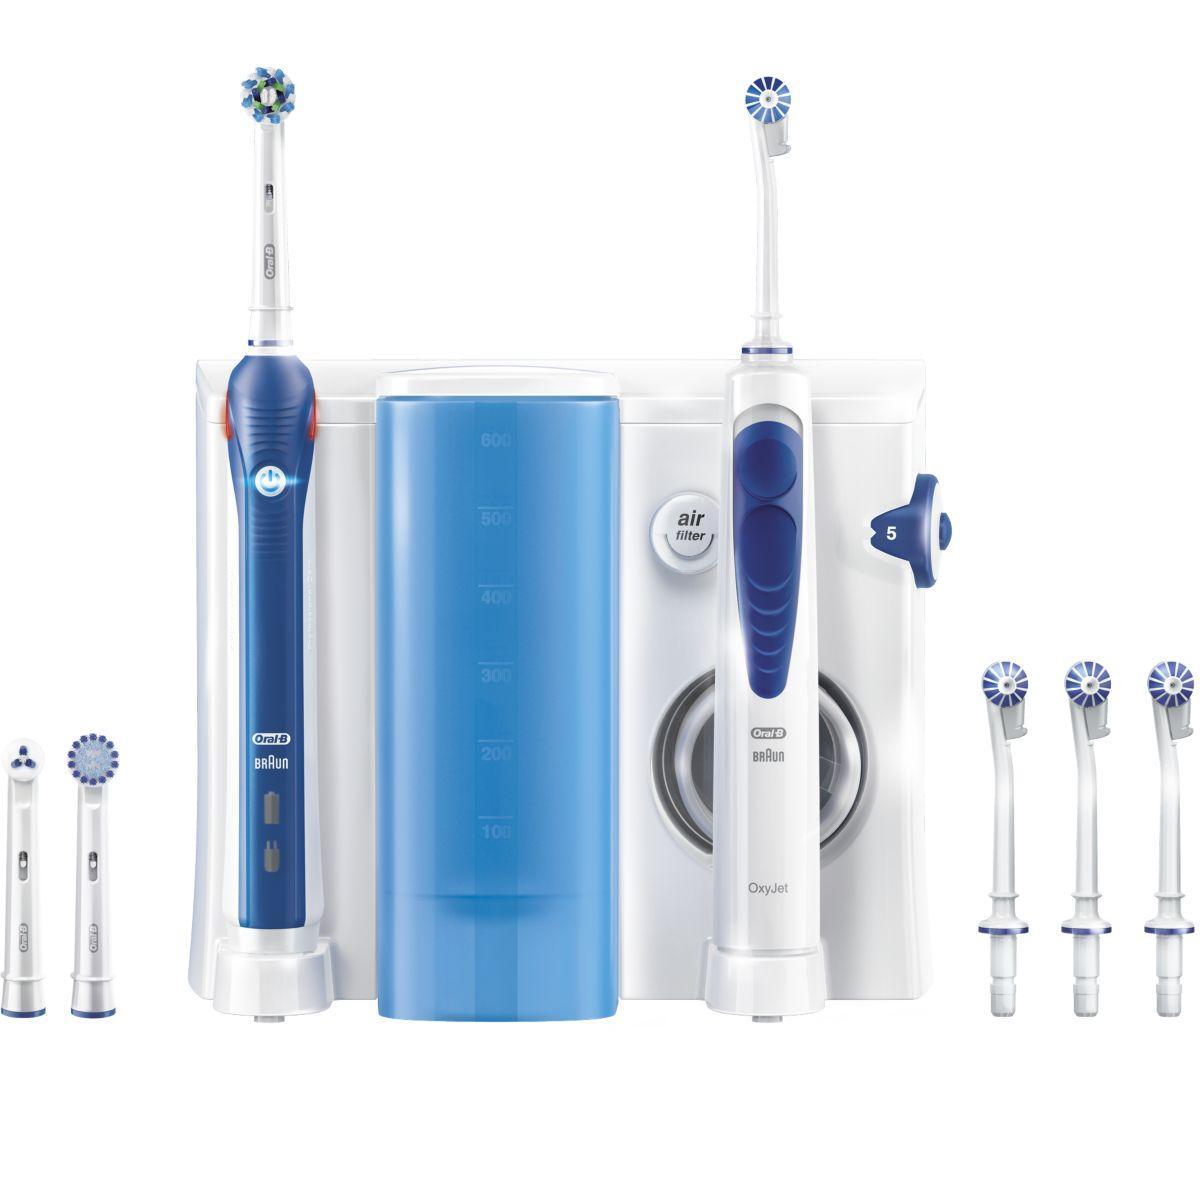 Brosse � dents oral-b pro care oxyjet oc 2000 - 20% de remise imm�diate avec le code : wd20 (photo)